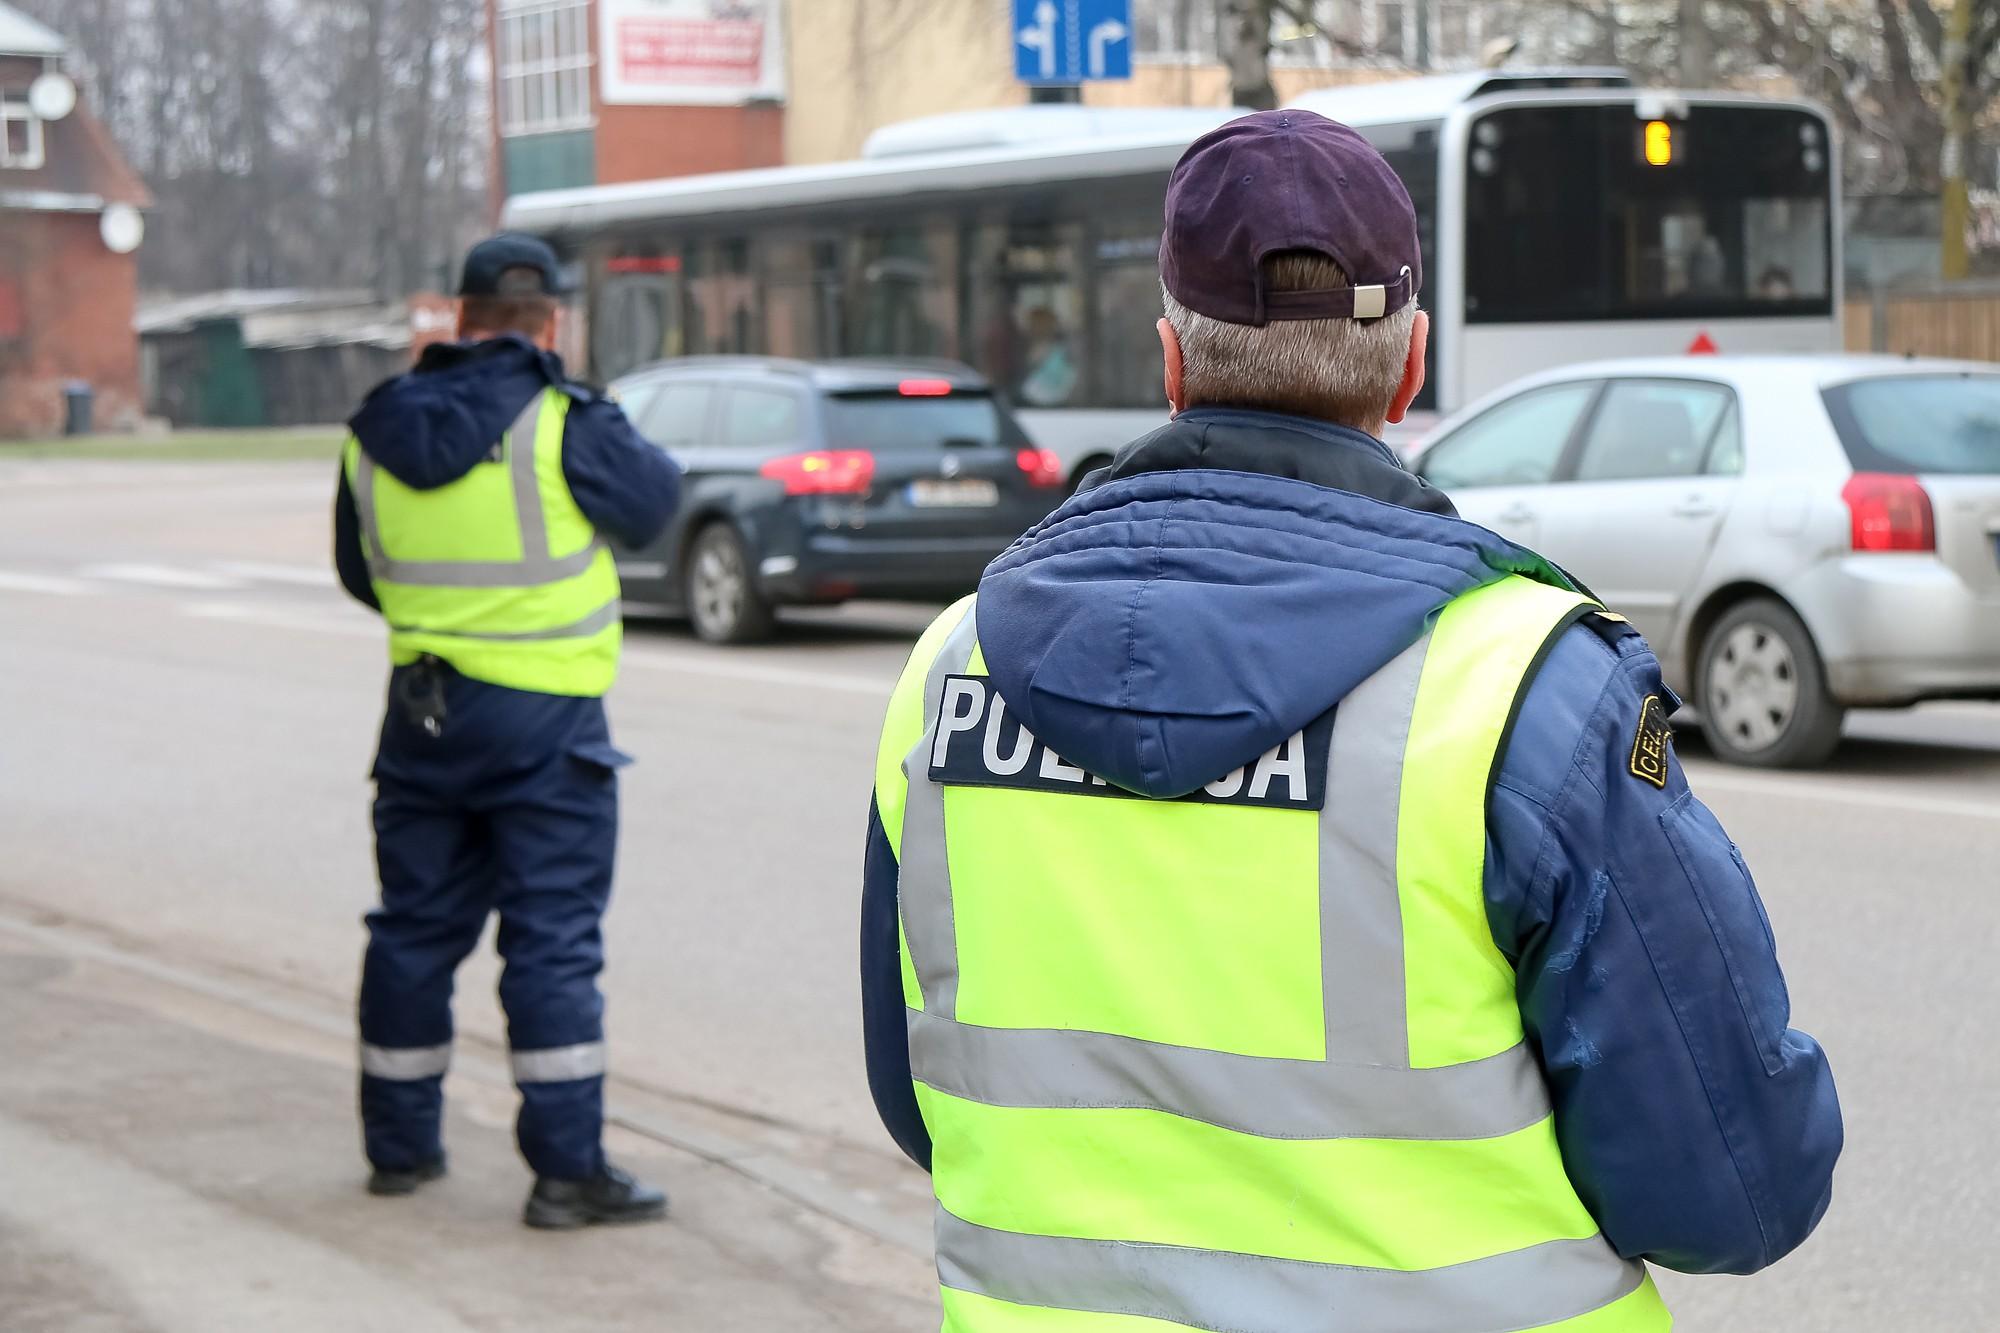 Дорожная полиция будет усиленно контролировать разрешенную скорость движения